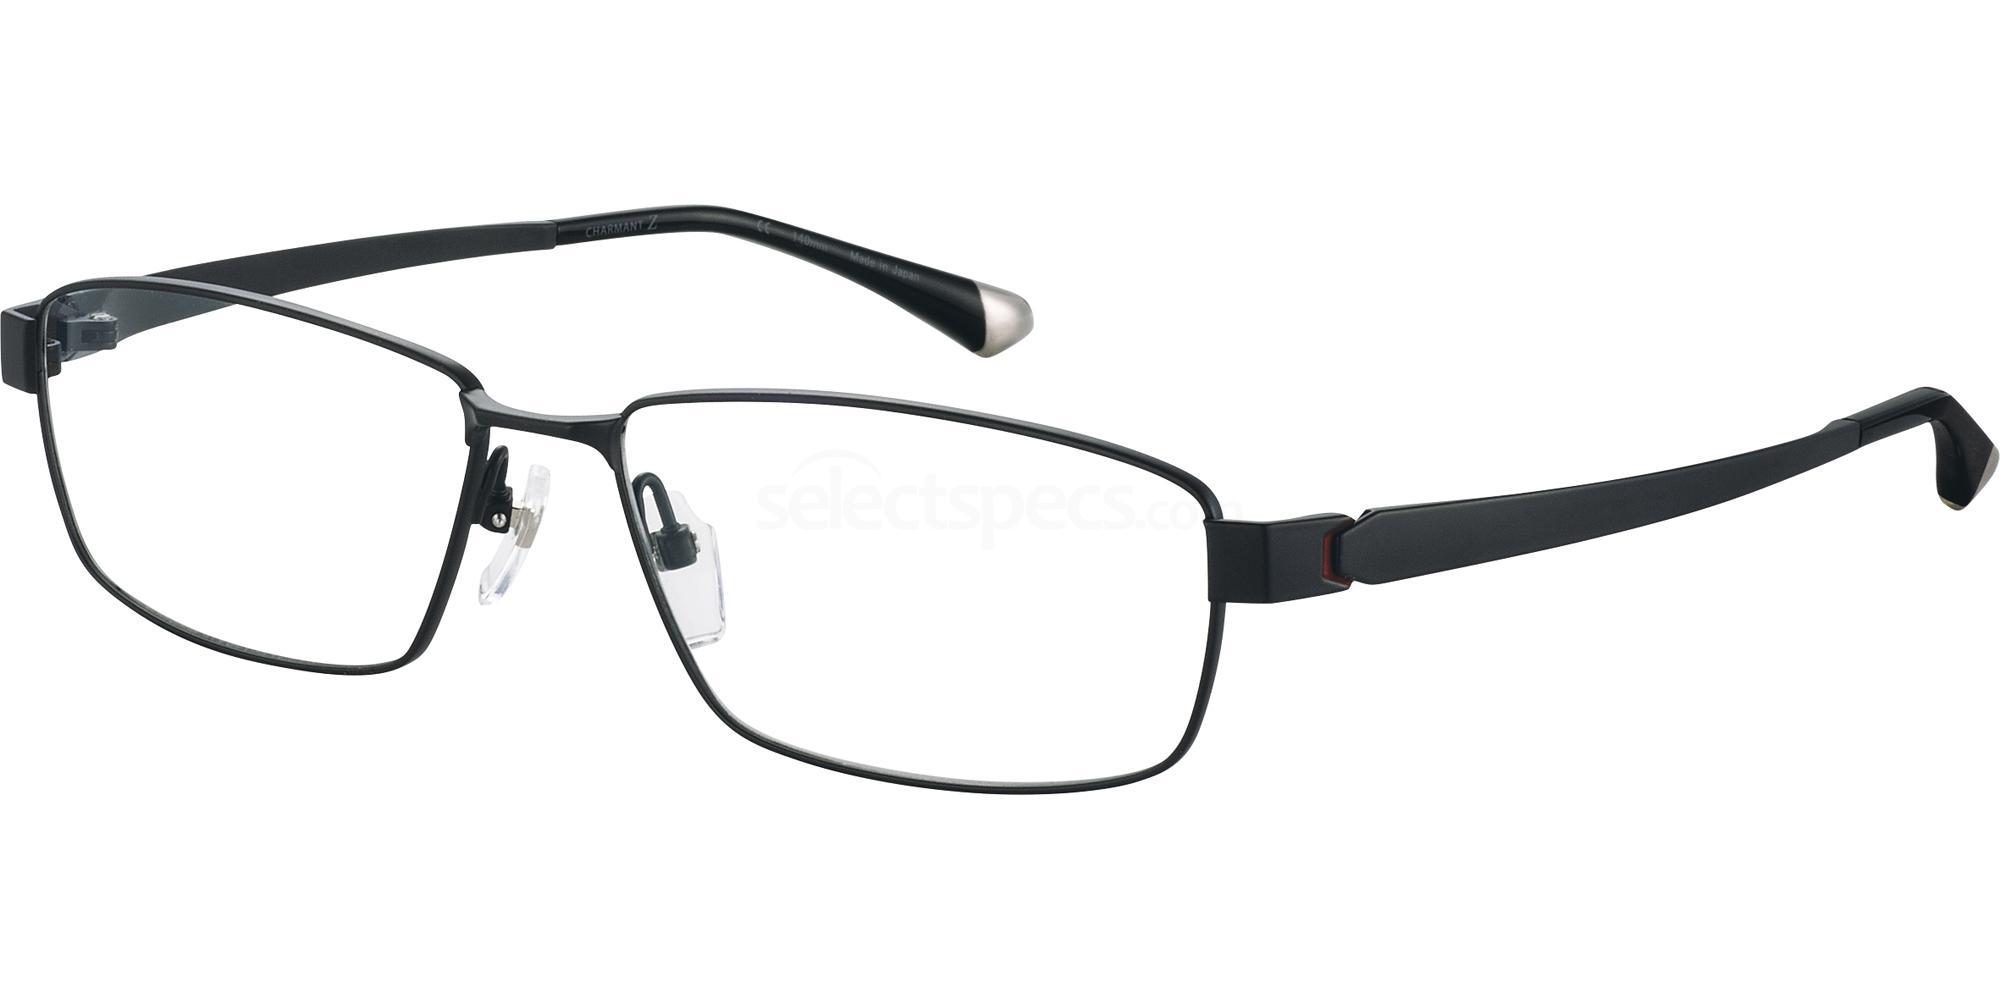 BK ZT19831 Glasses, Charmant Z